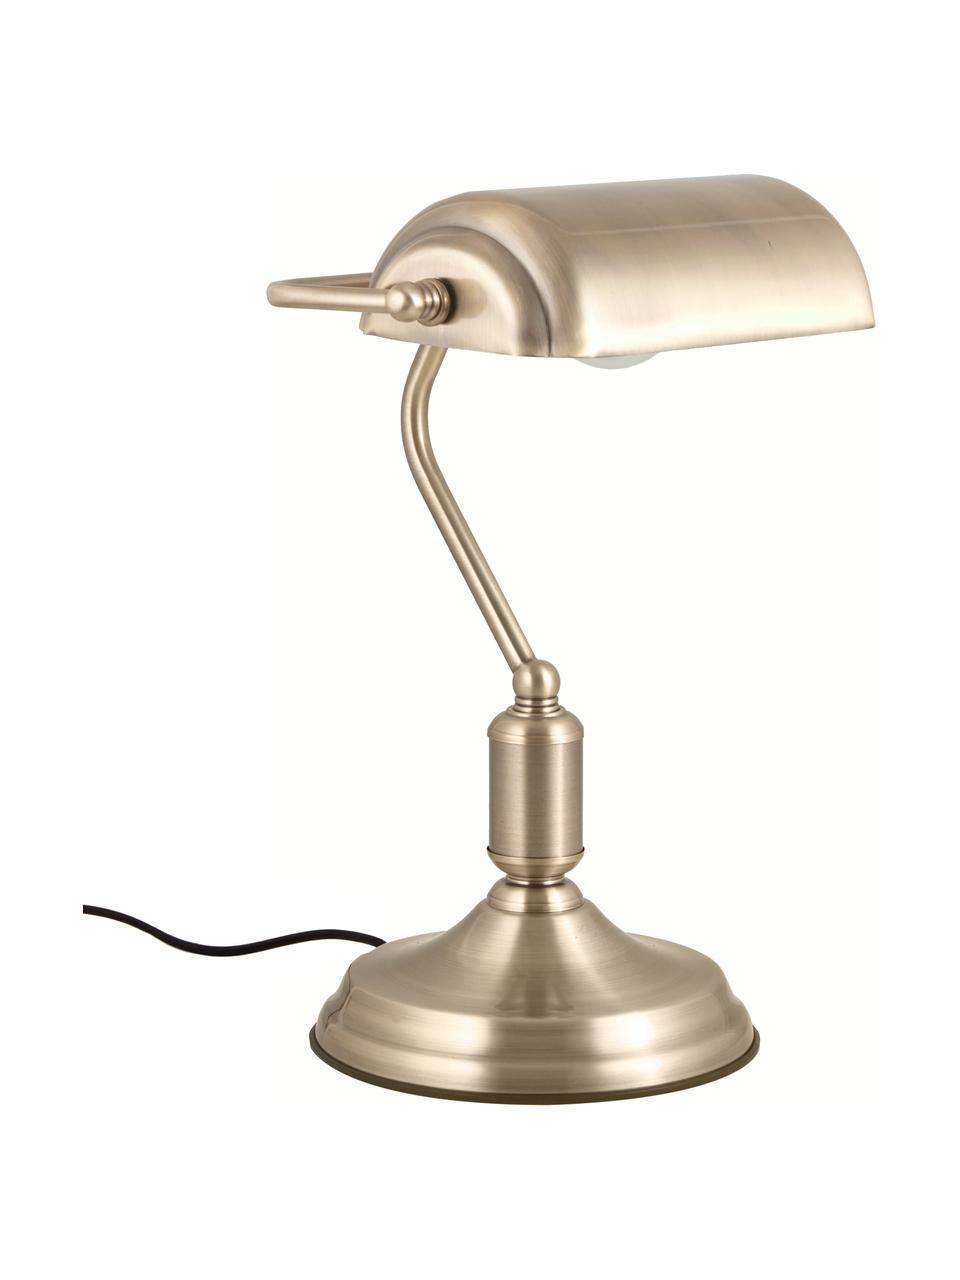 Lampa biurkowa z metalu w stylu retro Bank, Odcienie mosiądzu, S 22 x W 34 cm